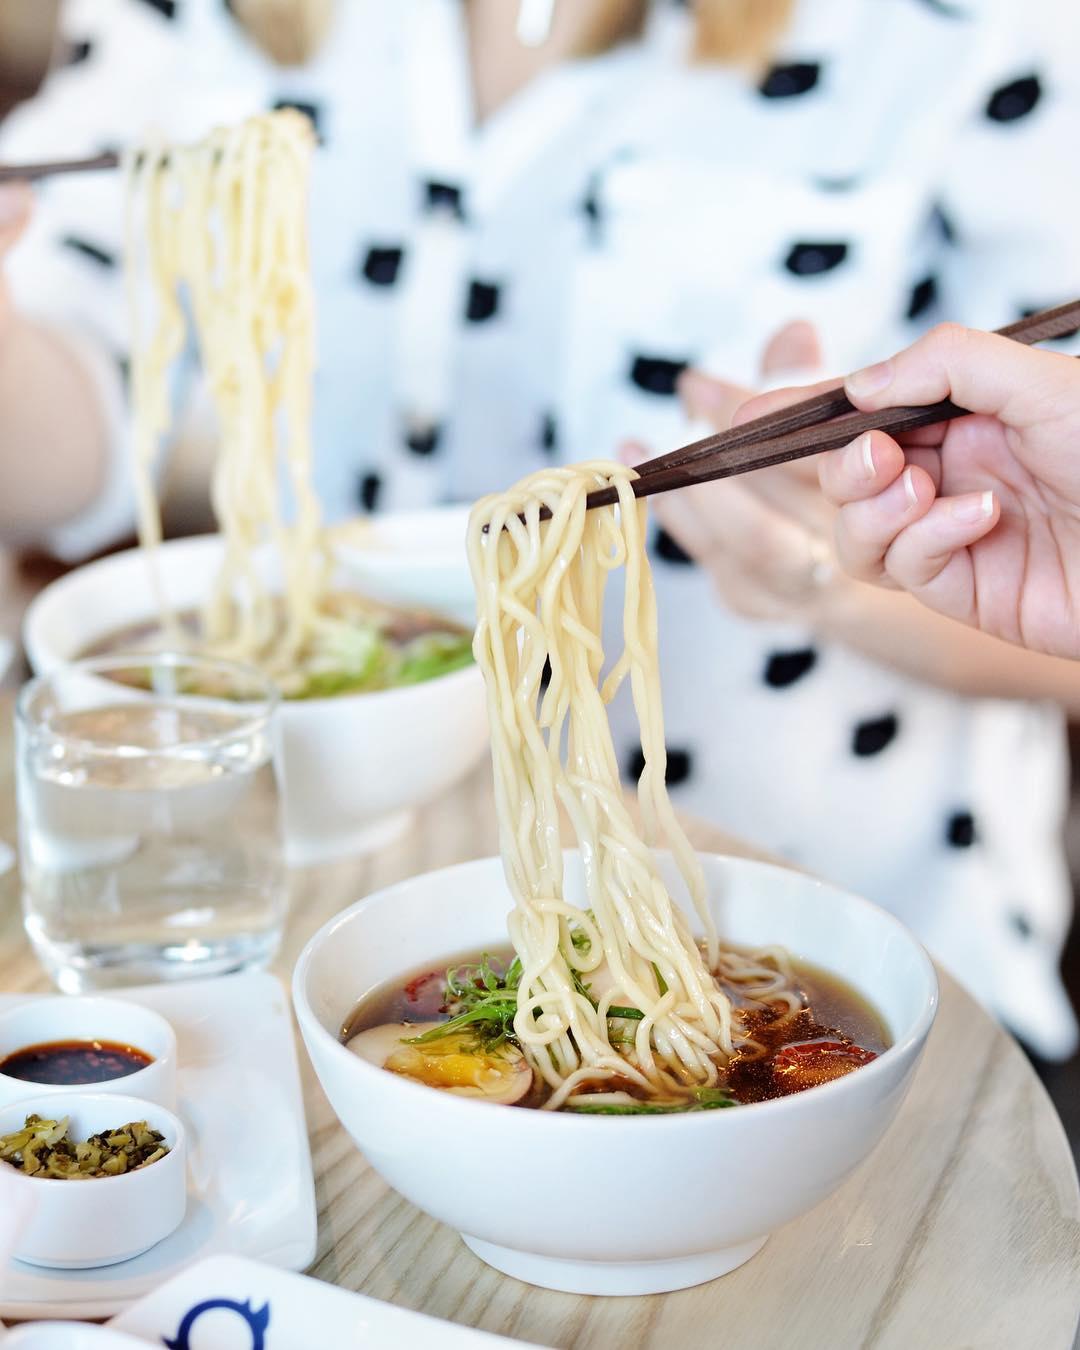 rhinofish noodles